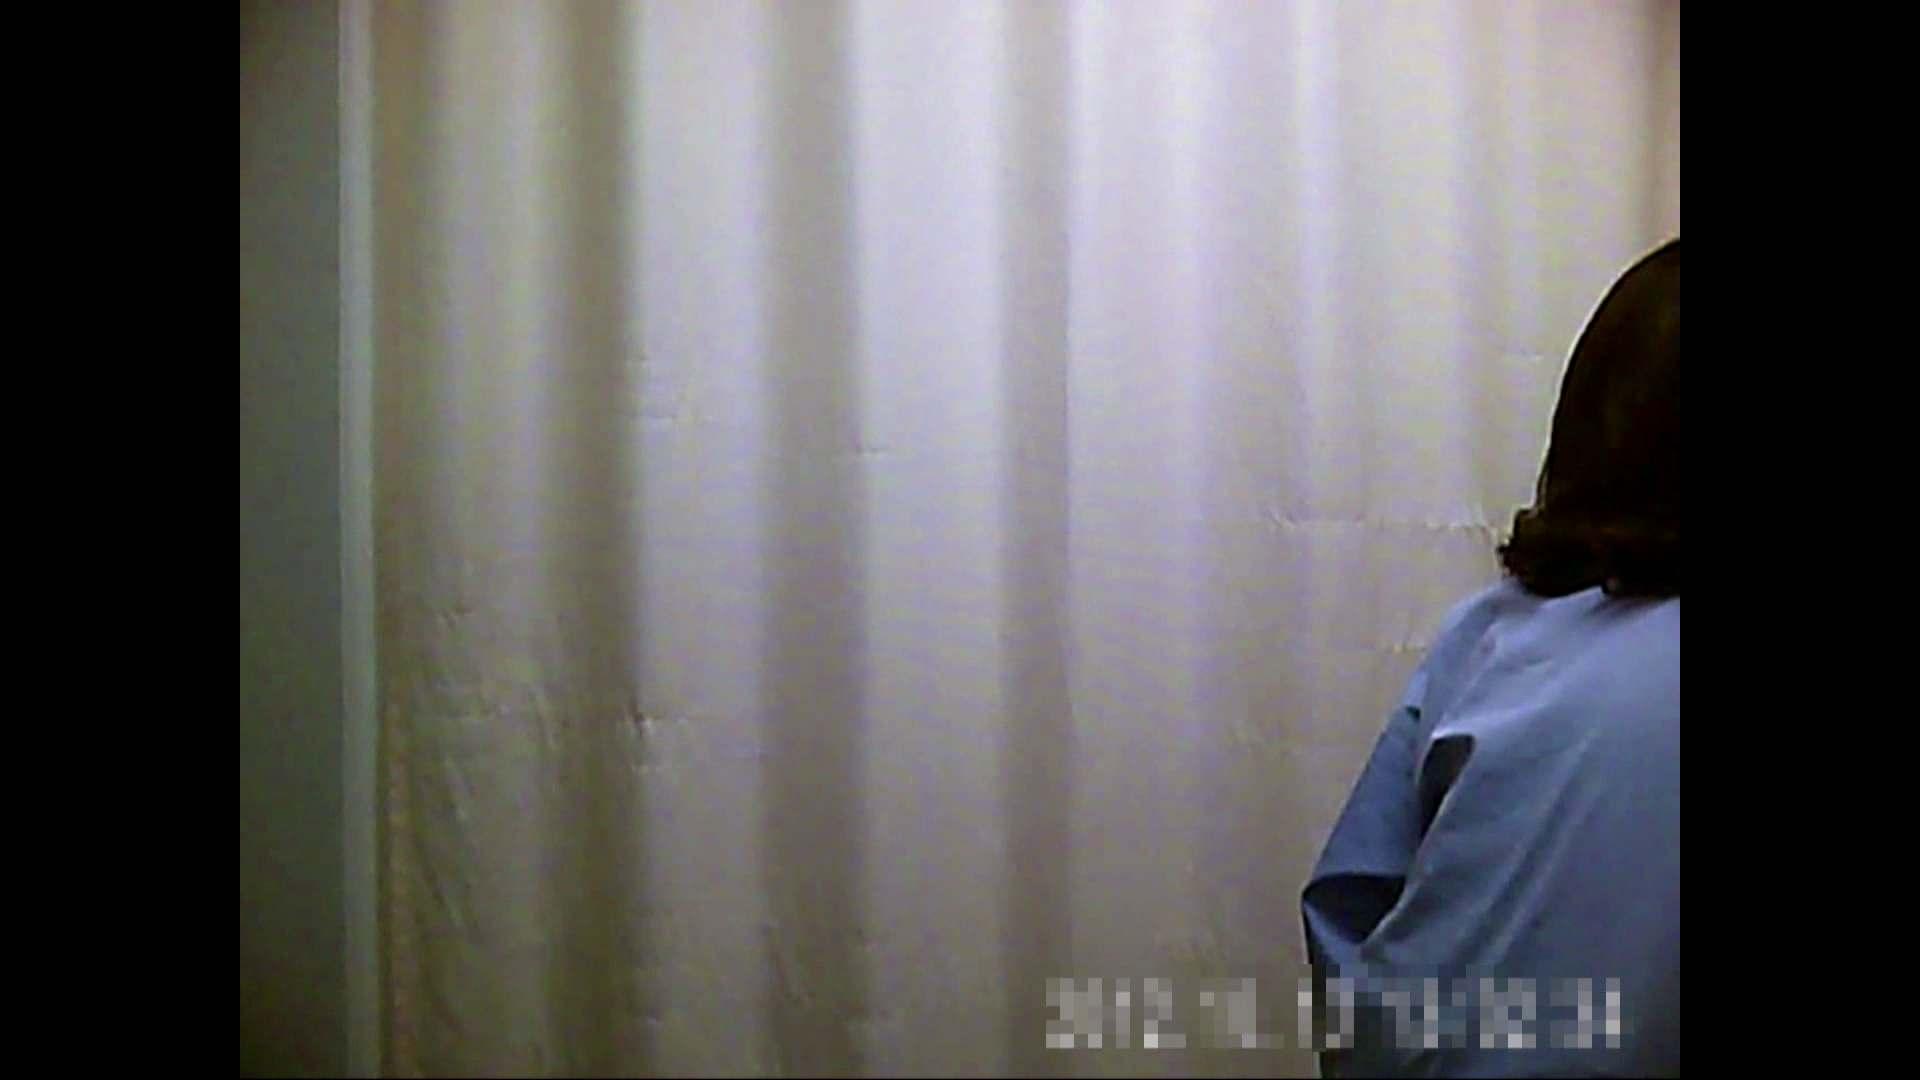 元医者による反抗 更衣室地獄絵巻 vol.059 OLの実態  73pic 18